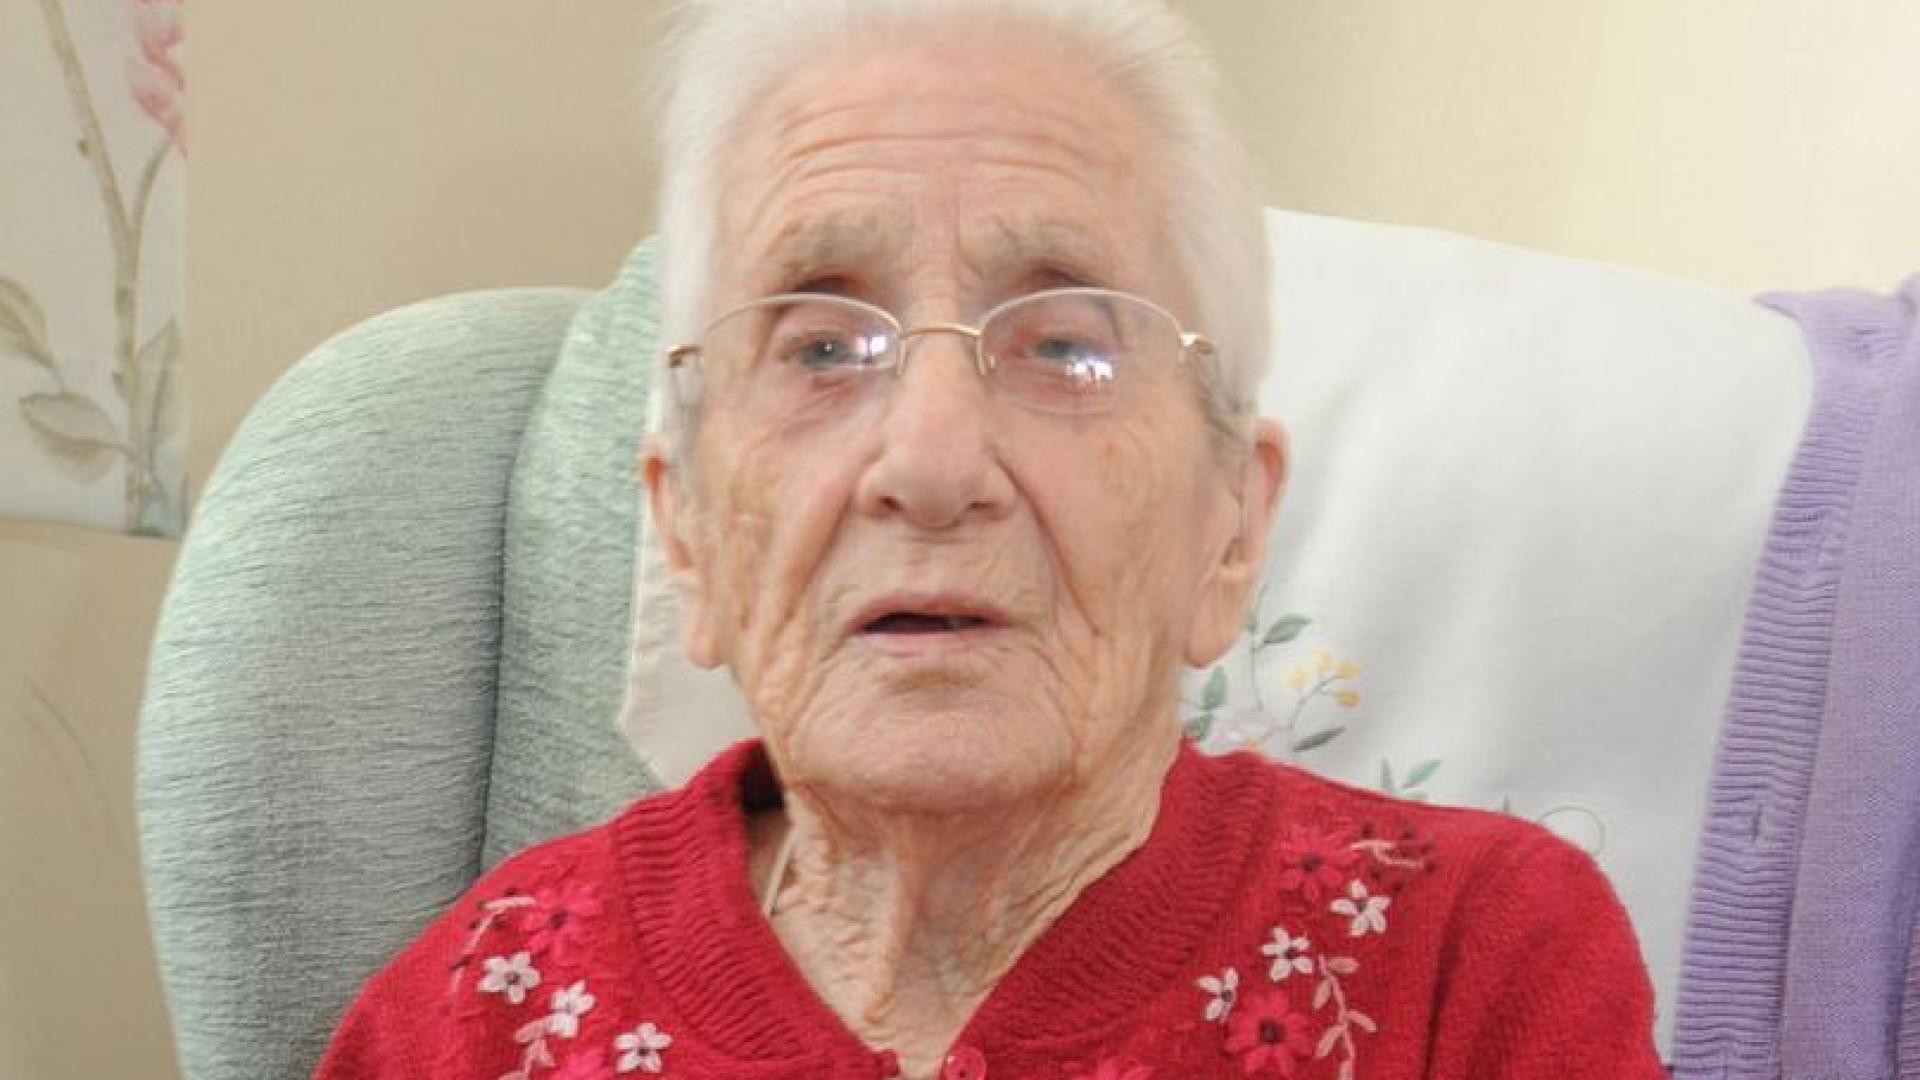 Aos 99 Anos Recebe Carta De Amor Que Lhe Foi Enviada H Sete Dcadas